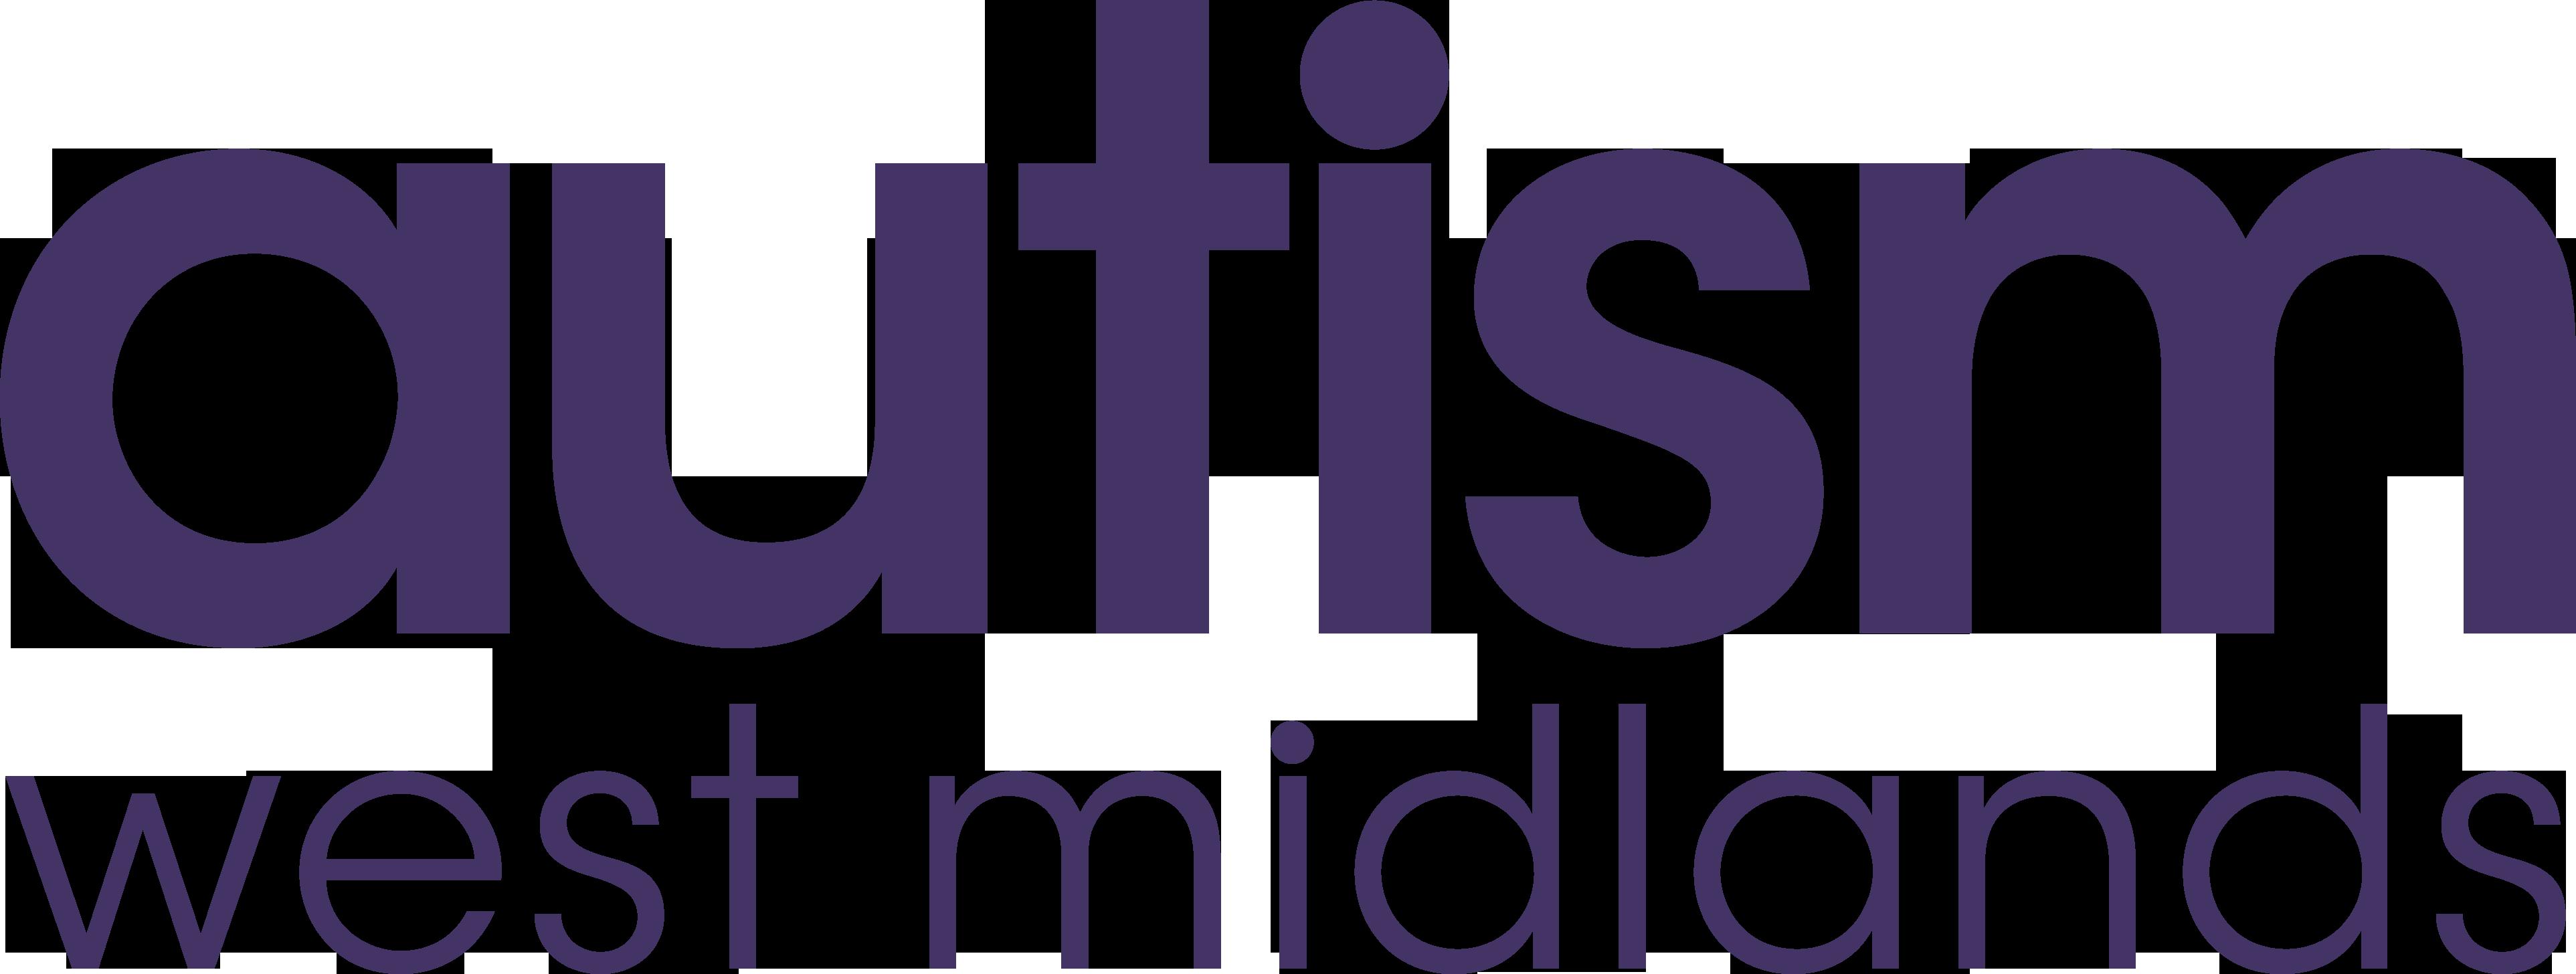 Autism West Midl&s